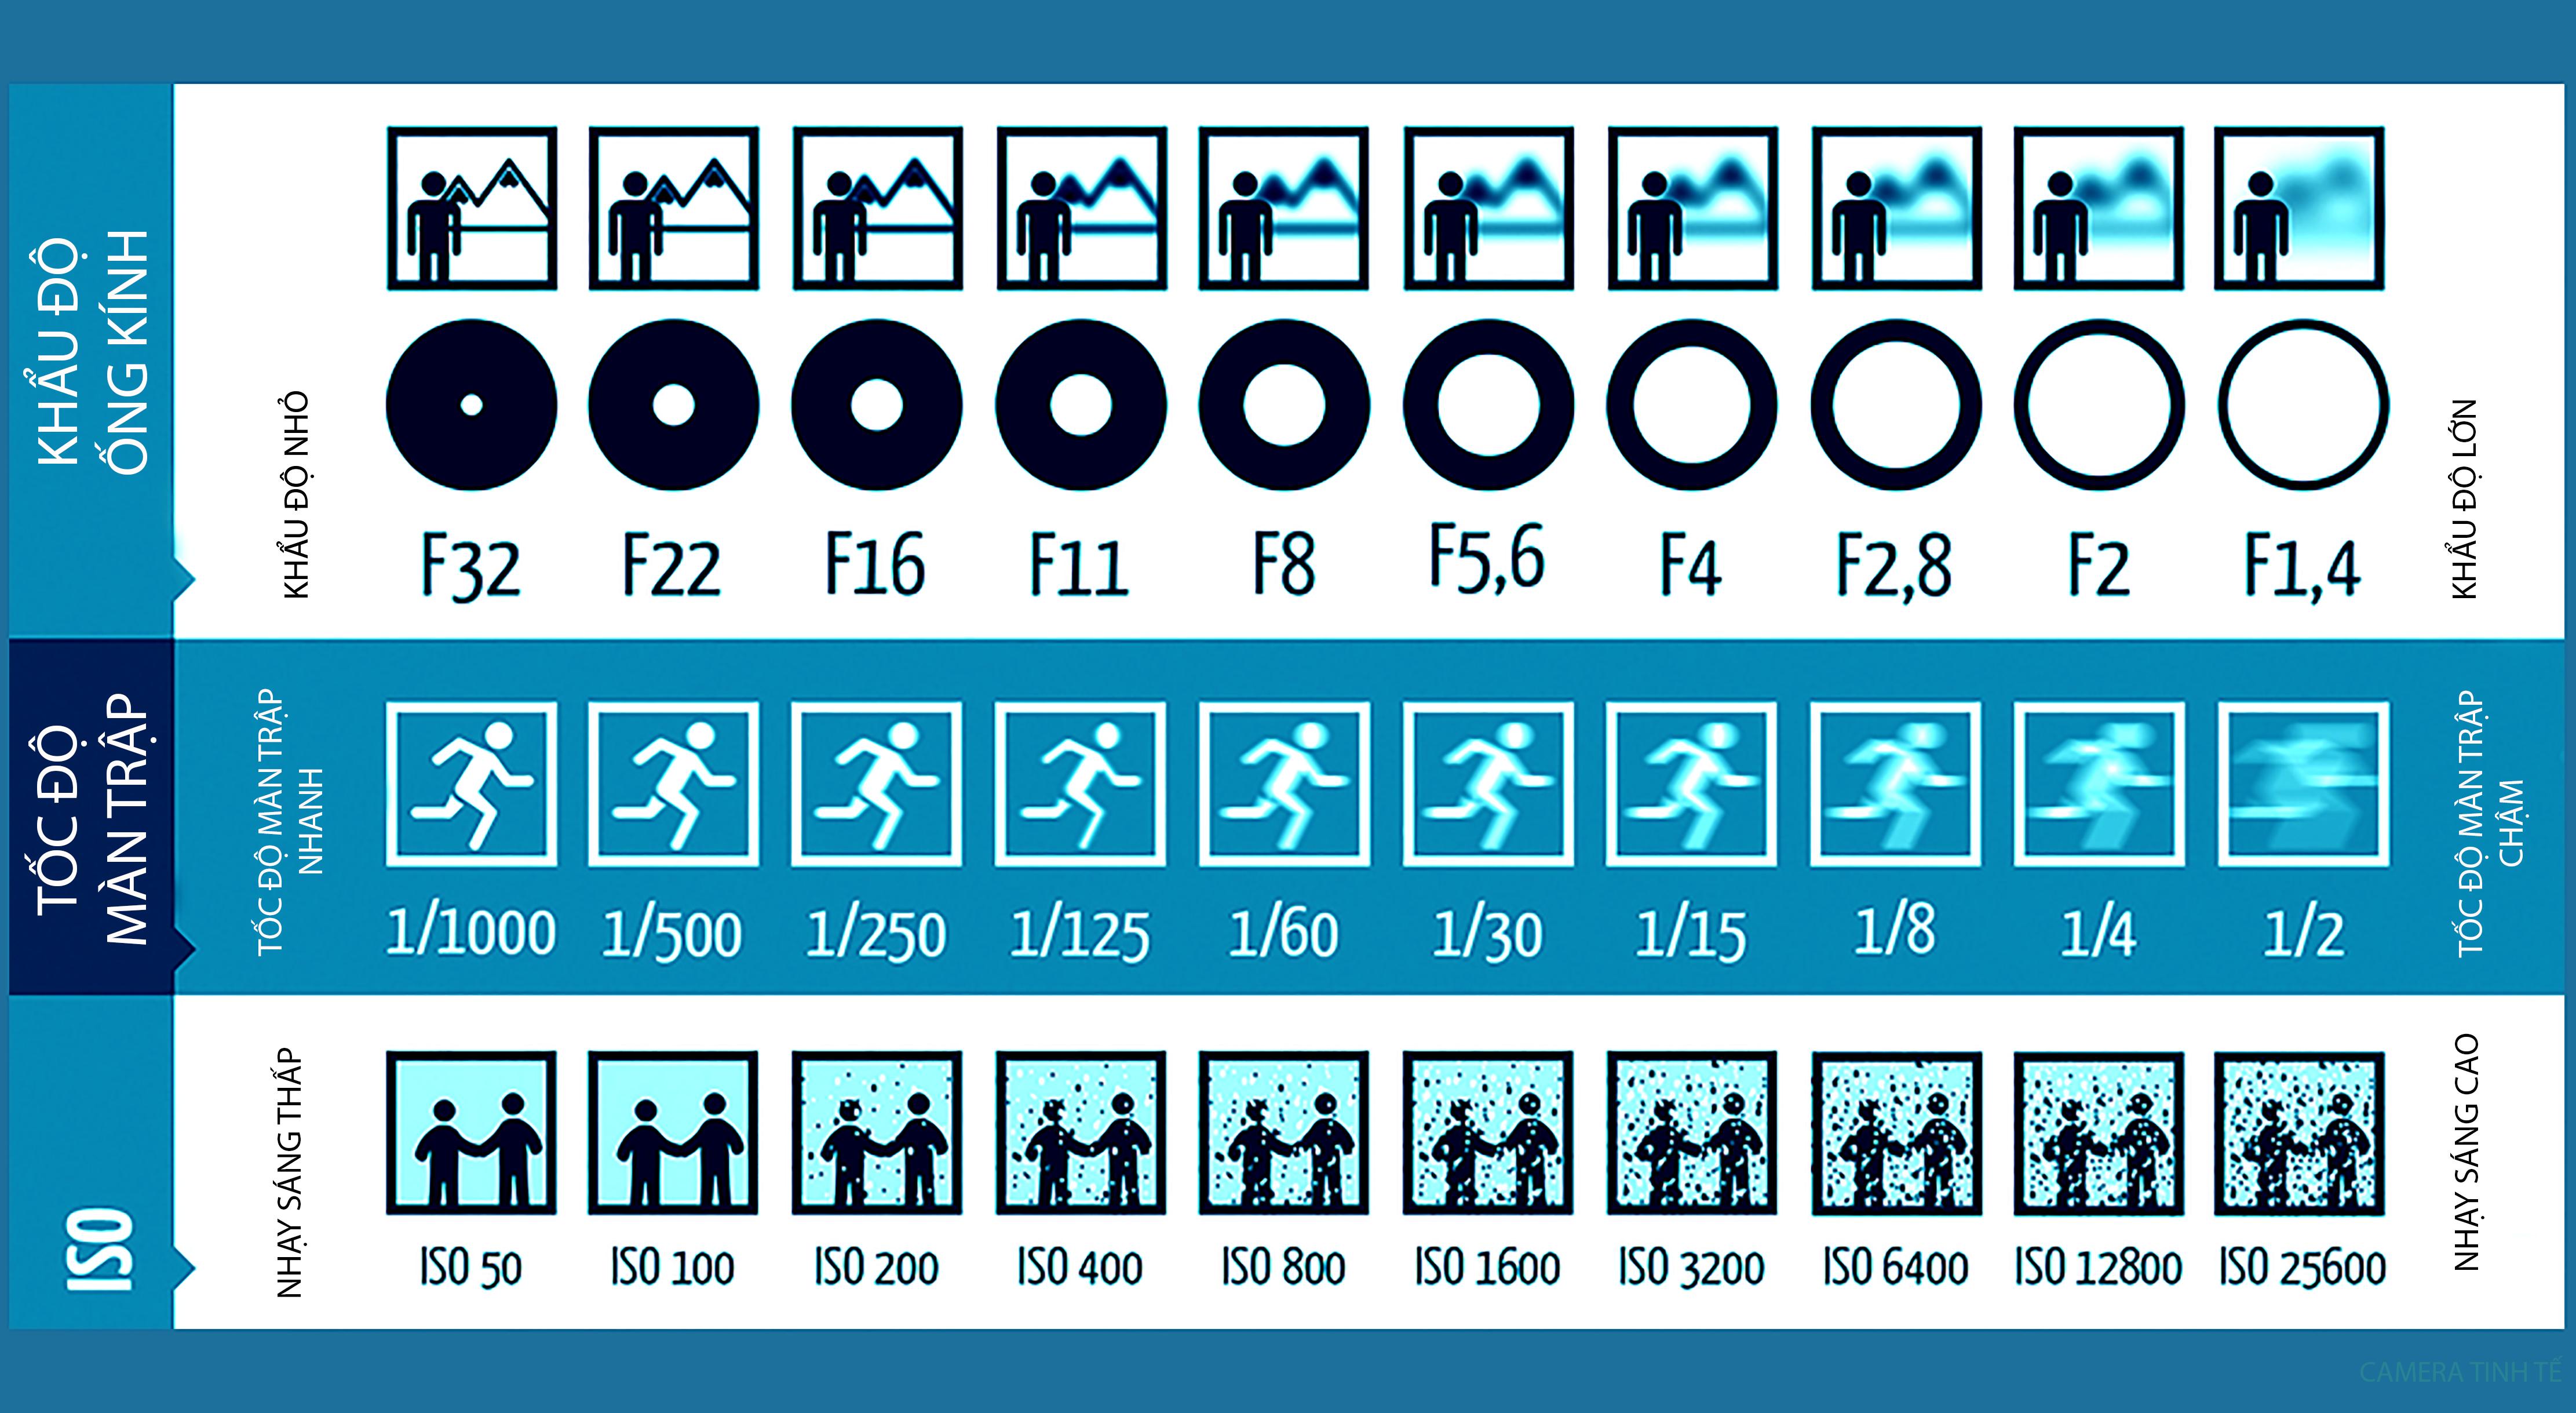 Thủ bản bỏ túi về: ISO – Tốc độ – Khẩu độ